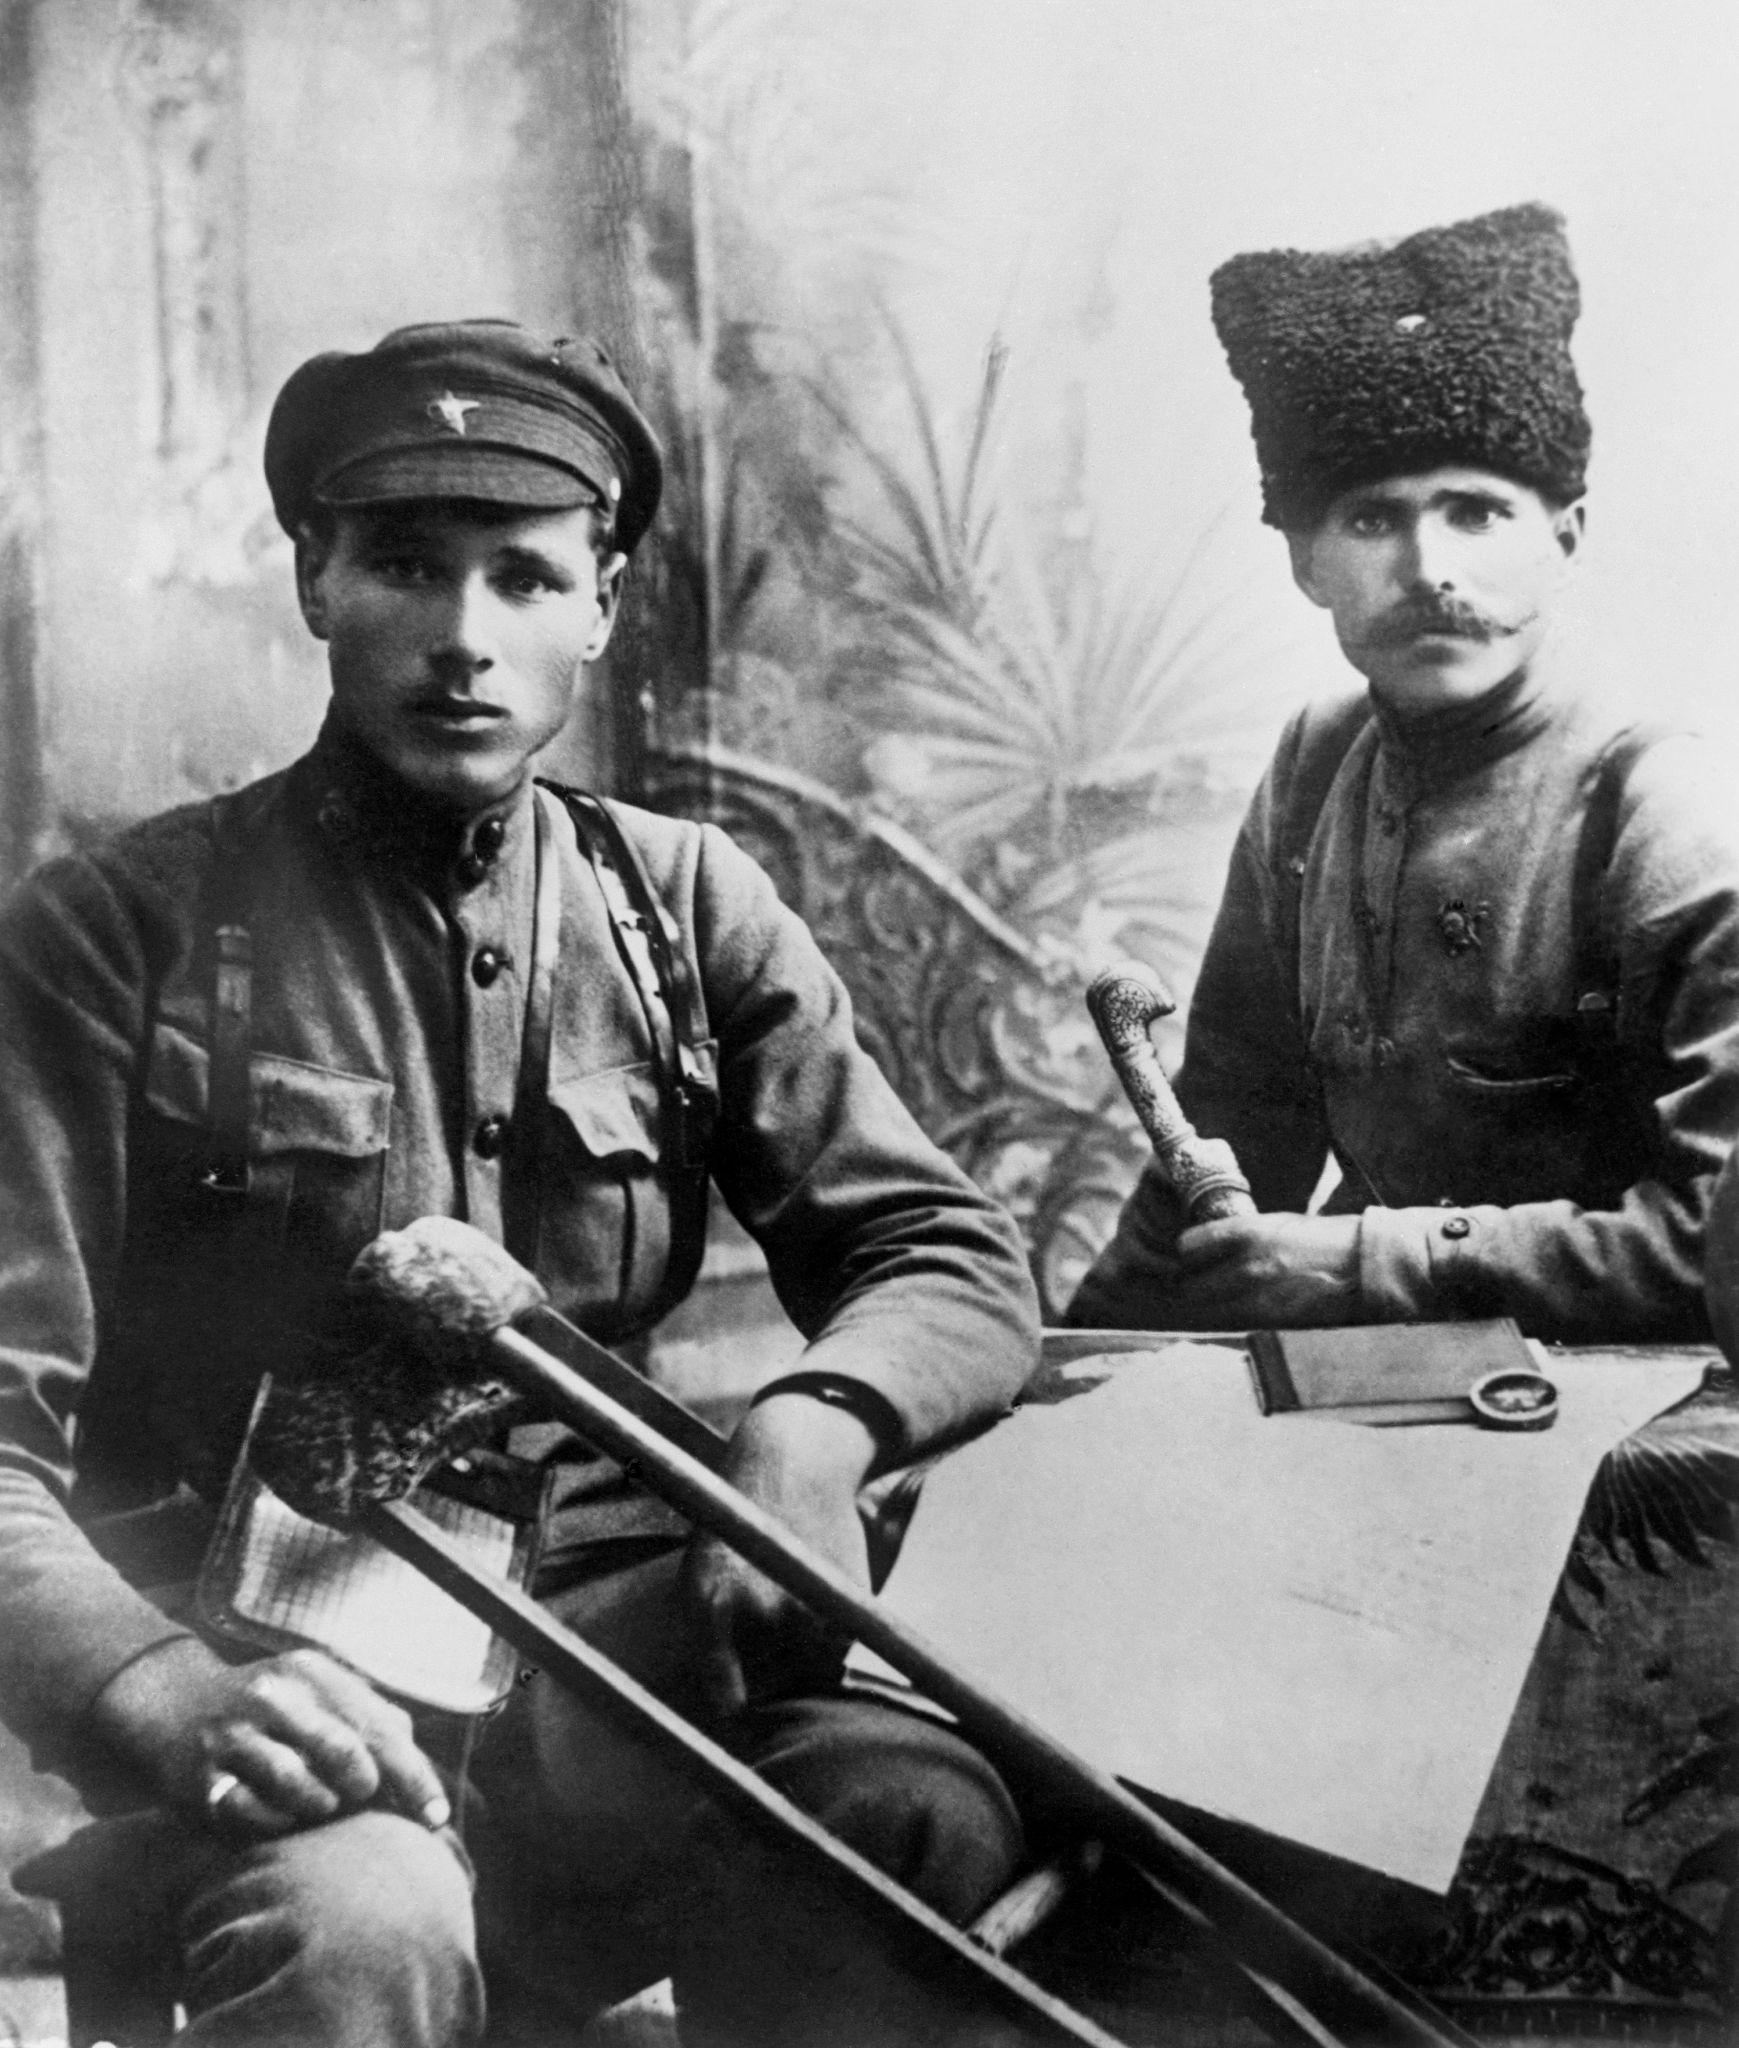 Командующий 25-й стрелковой дивизией Красной Армии Василий Чапаев (справа) и его подчиненный Иван Бубенец позируют для фото